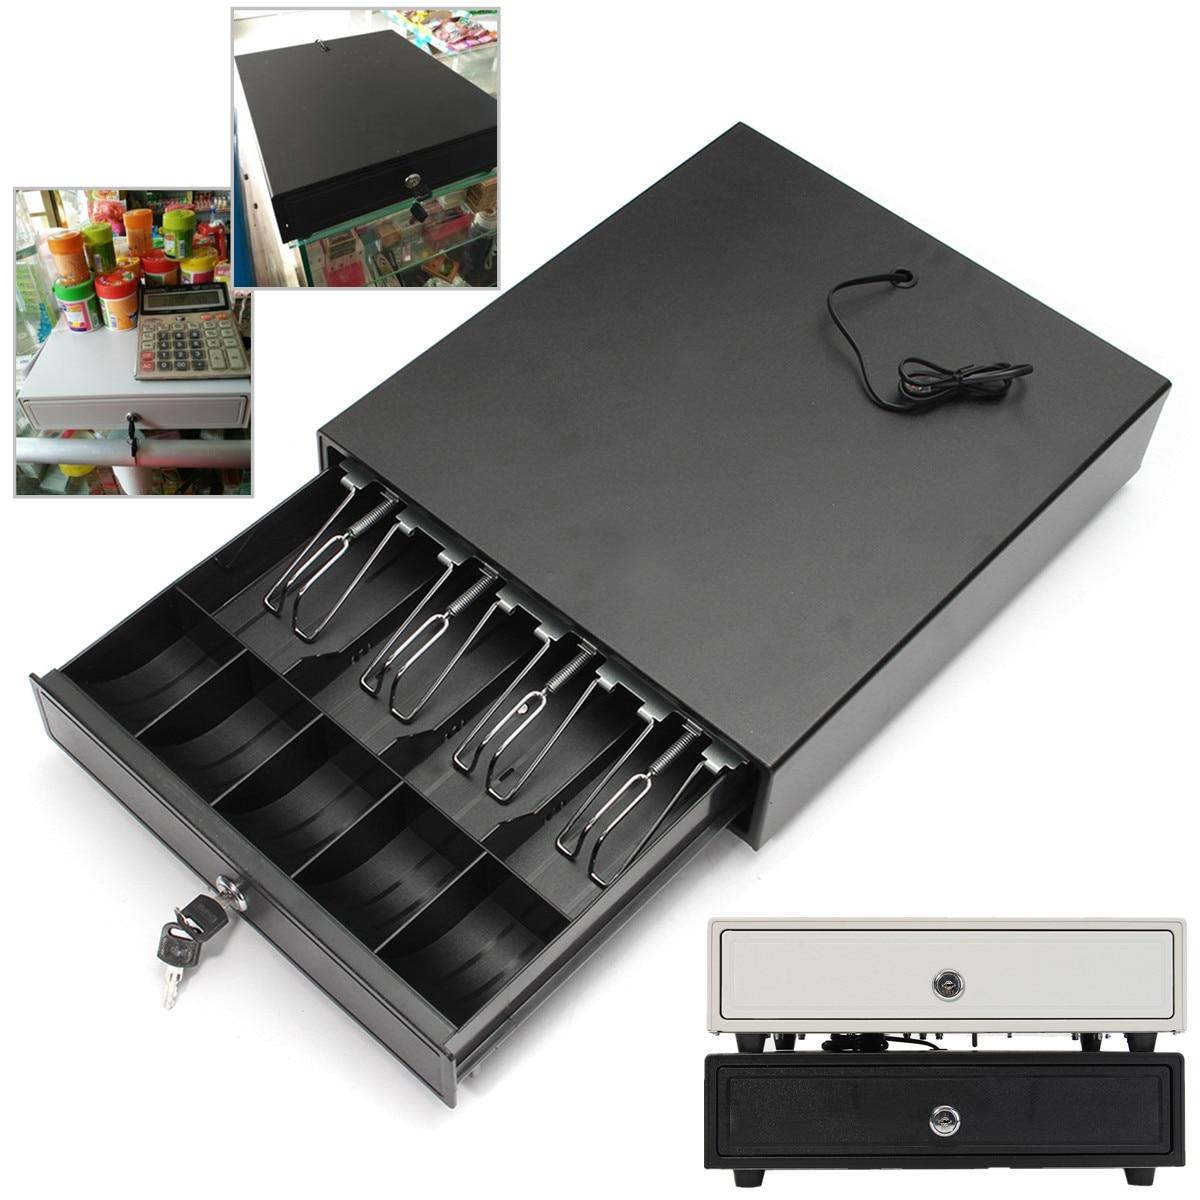 Boîte à tiroir-caisse lourde avec 4 plateaux à pièces de monnaie, 5 plateaux, RJ-11, serrure à clé, blanc/noir, amovible, 4 billets, 5 pièces, tiroir-caisse